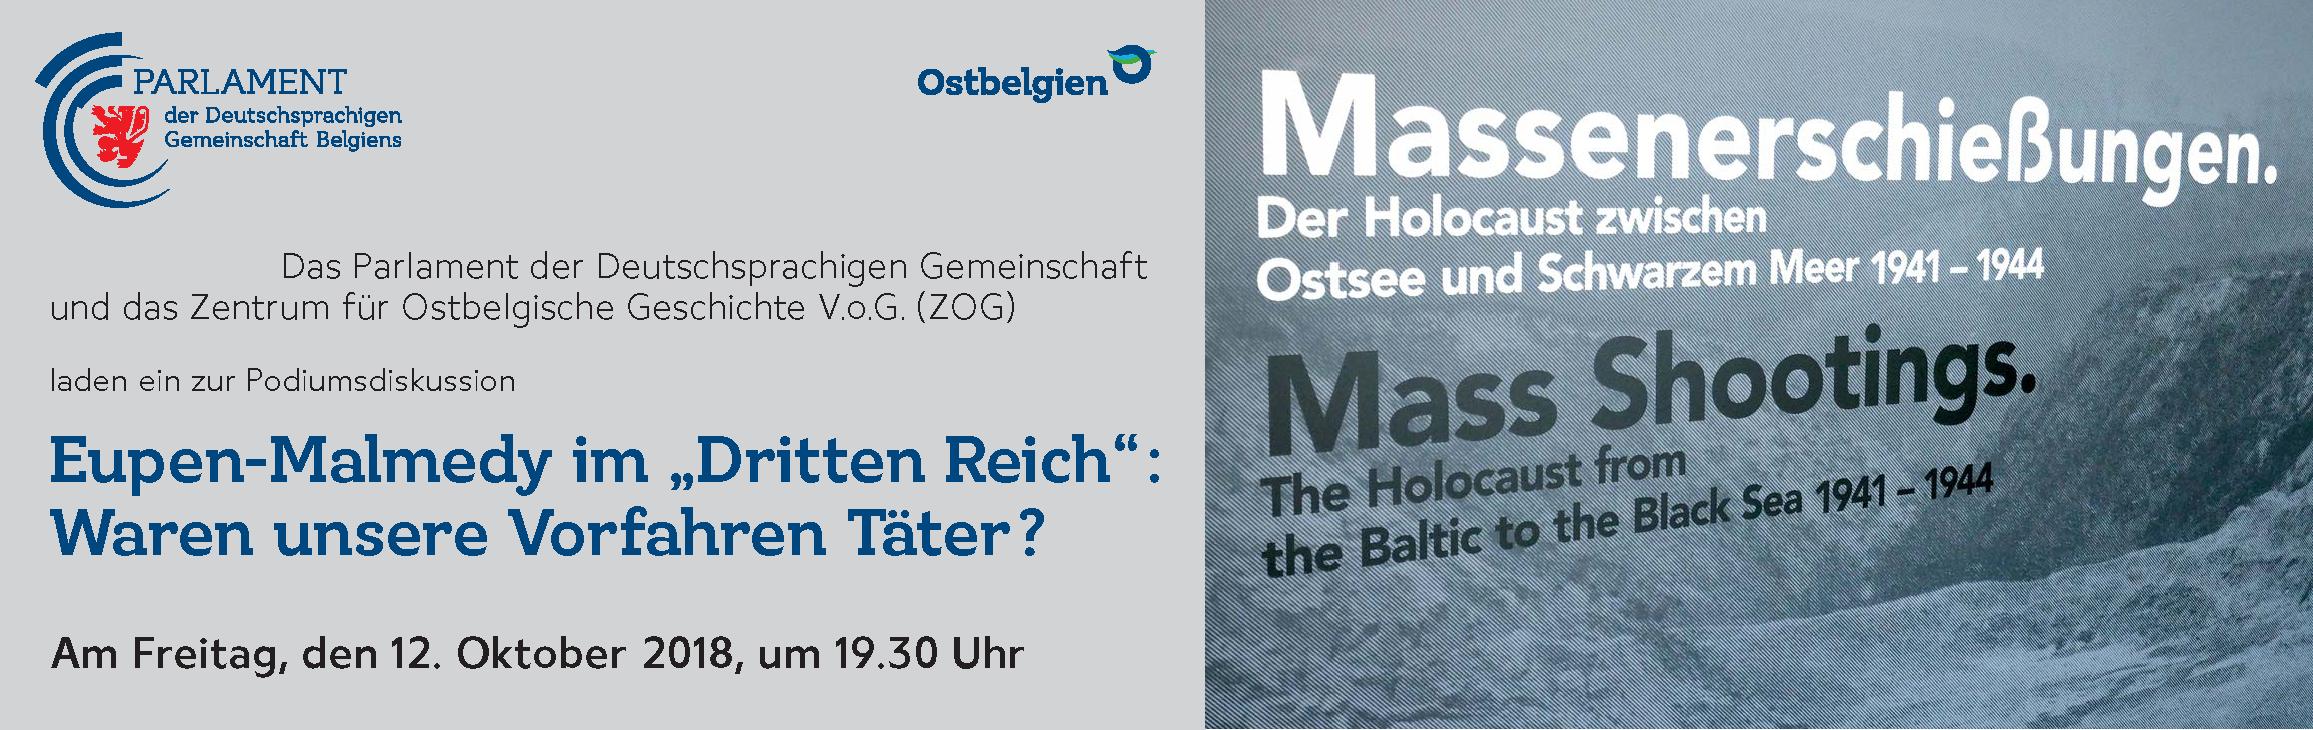 """Eupen-Malmedy im """"Dritten Reich"""": Waren unsere Vorfahren Täter?"""